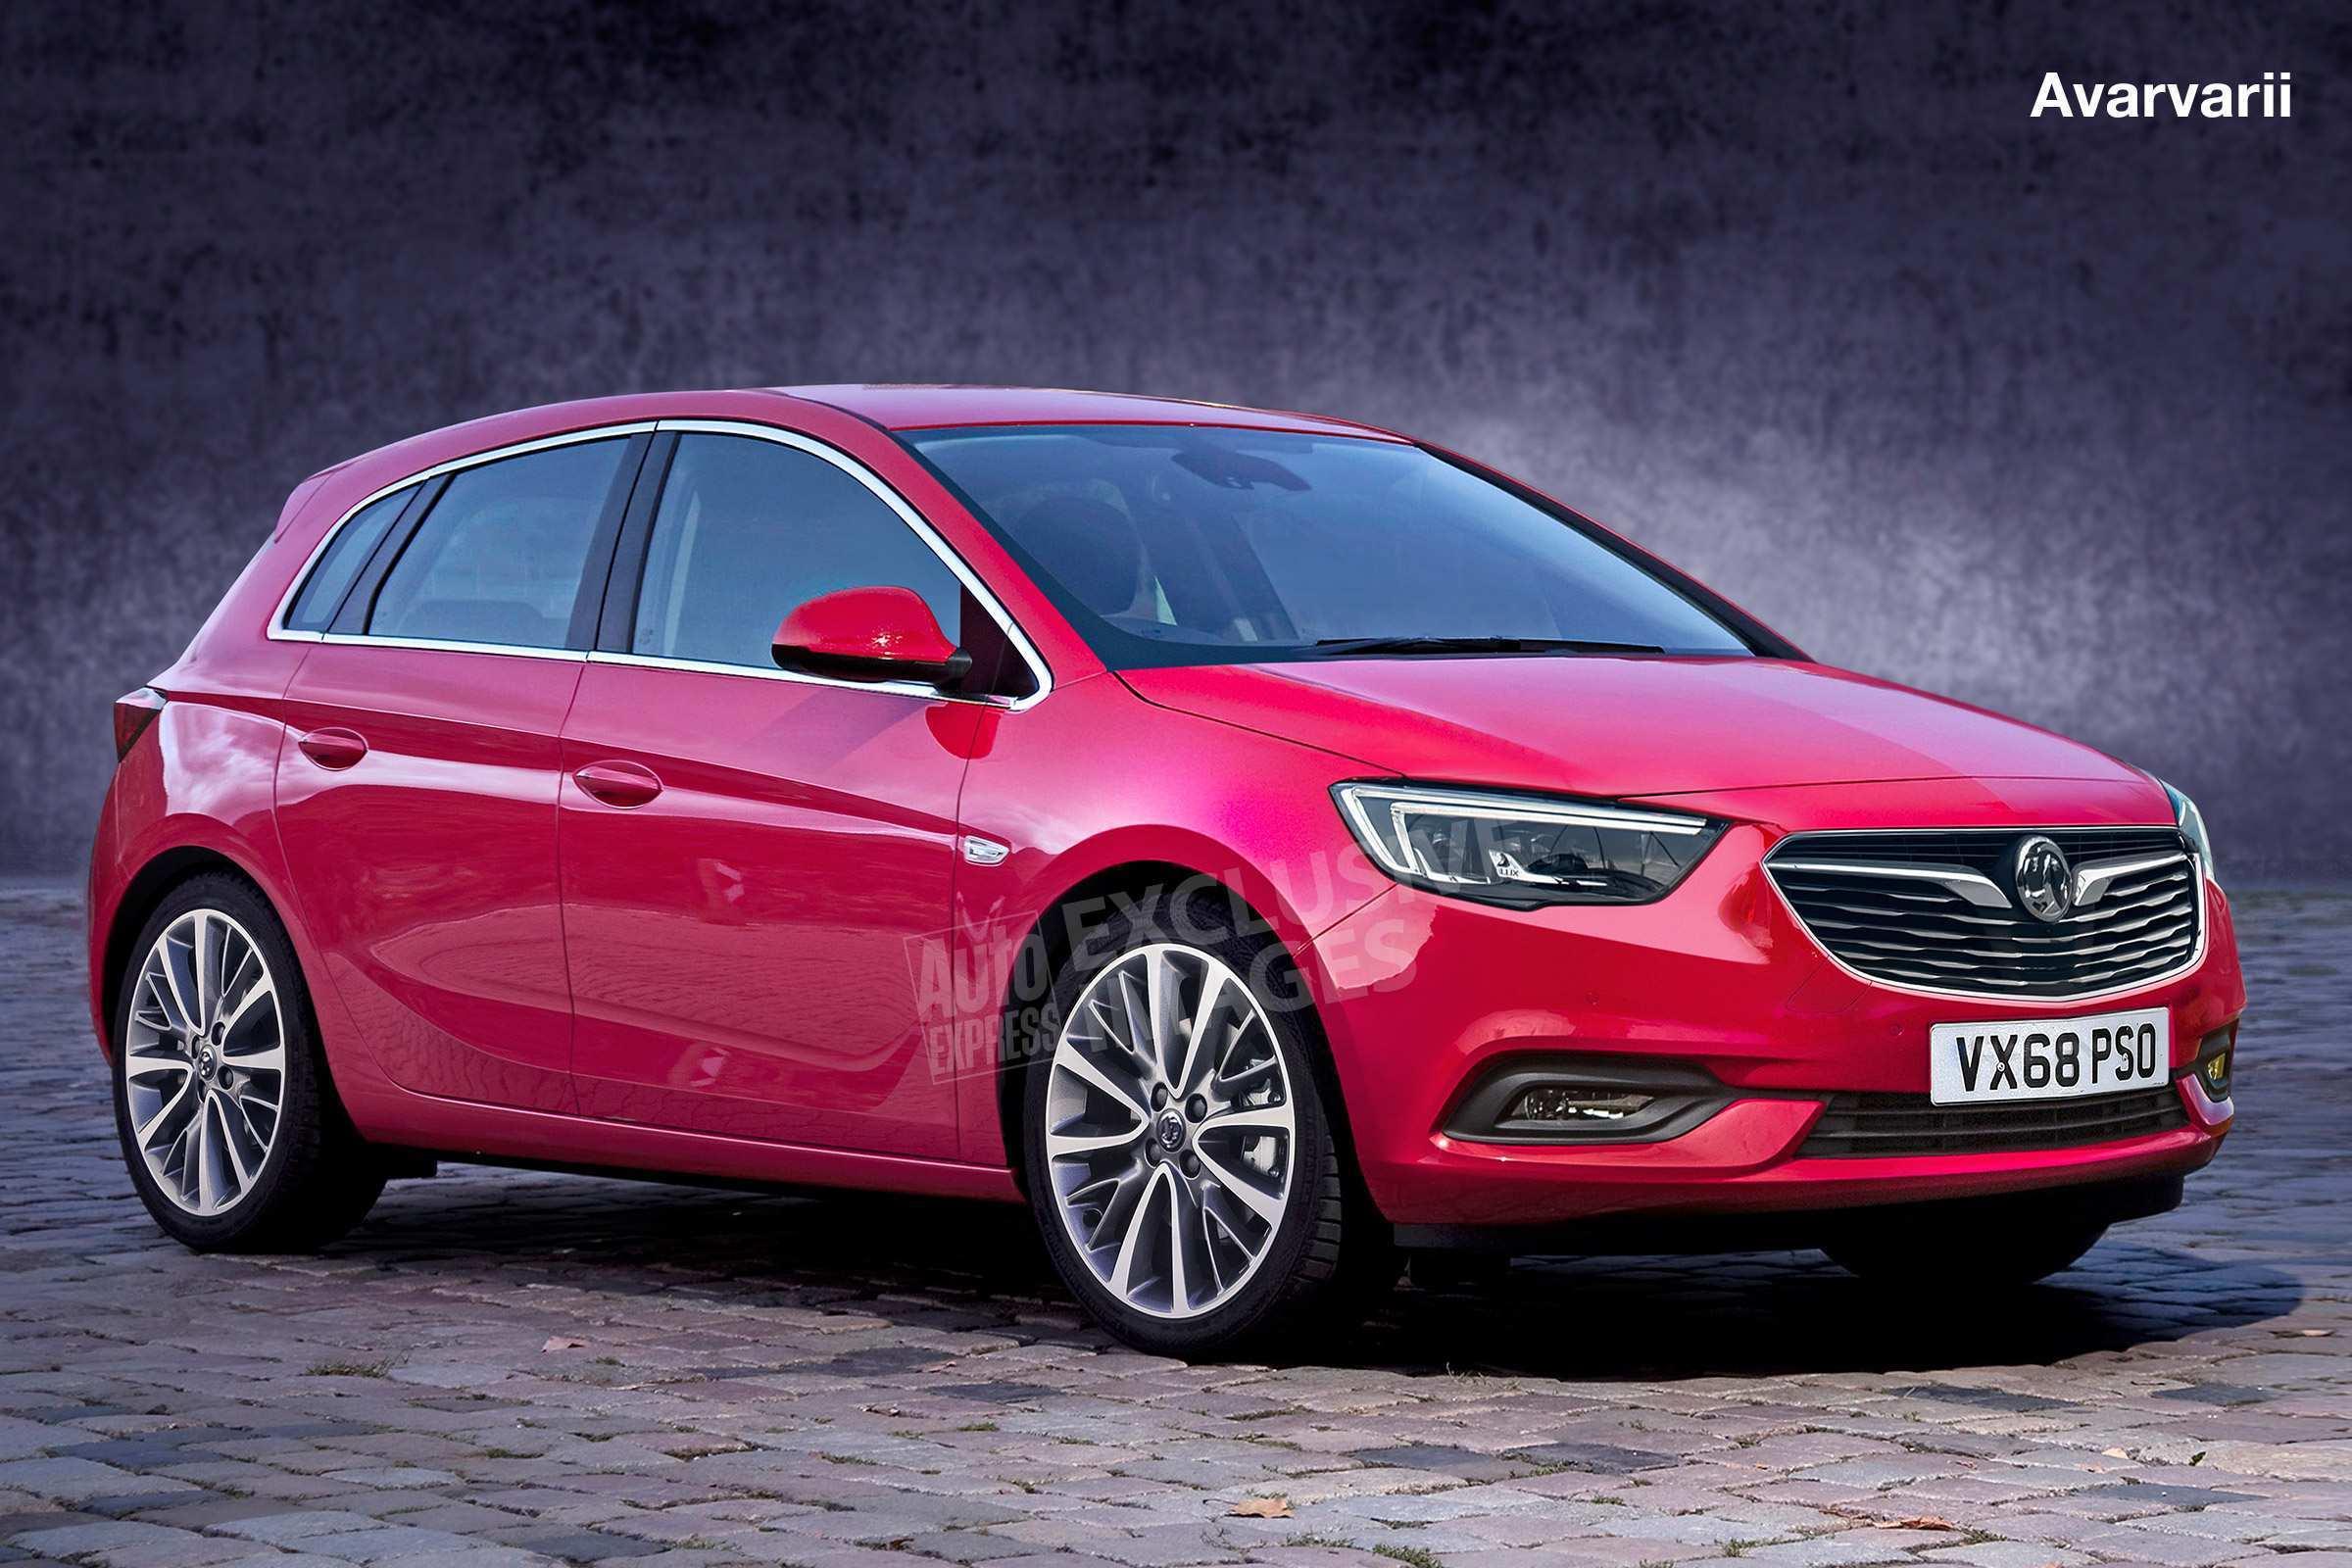 55 New 2020 VauxhCorsa VXR Review for 2020 VauxhCorsa VXR